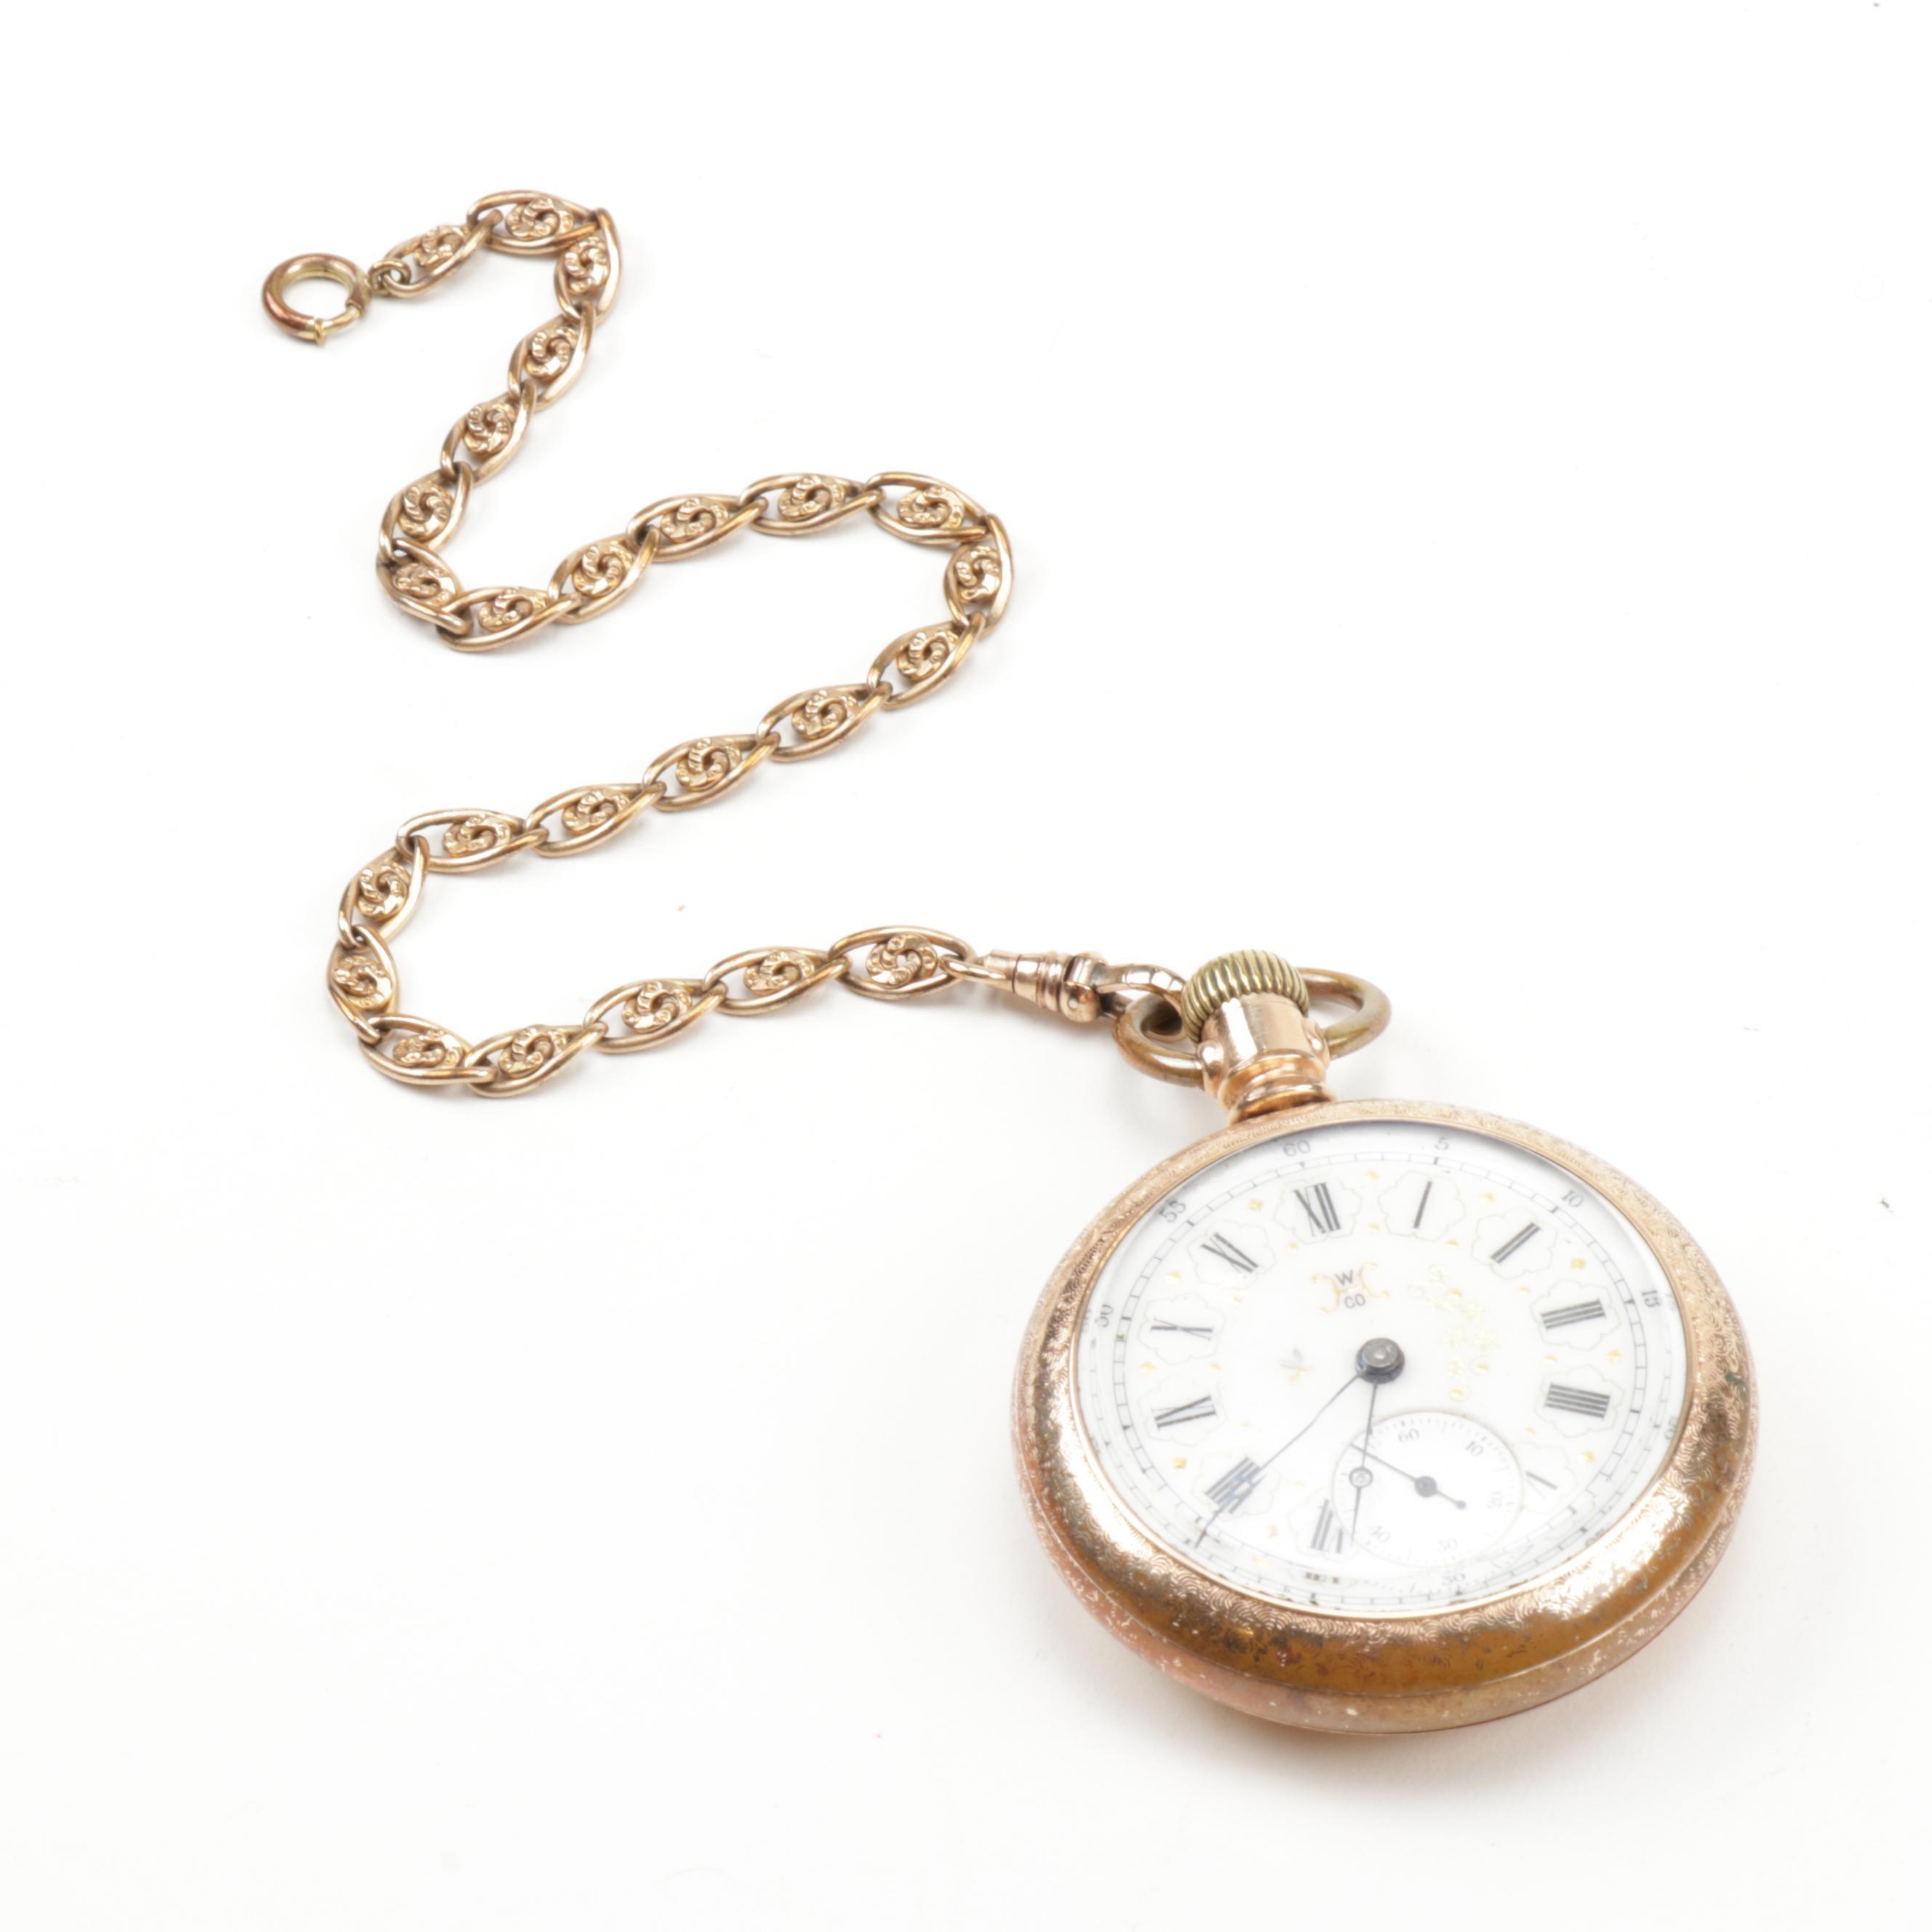 Hampden Gold Filled 17 Jewel Pocket Watch, circa 1890's